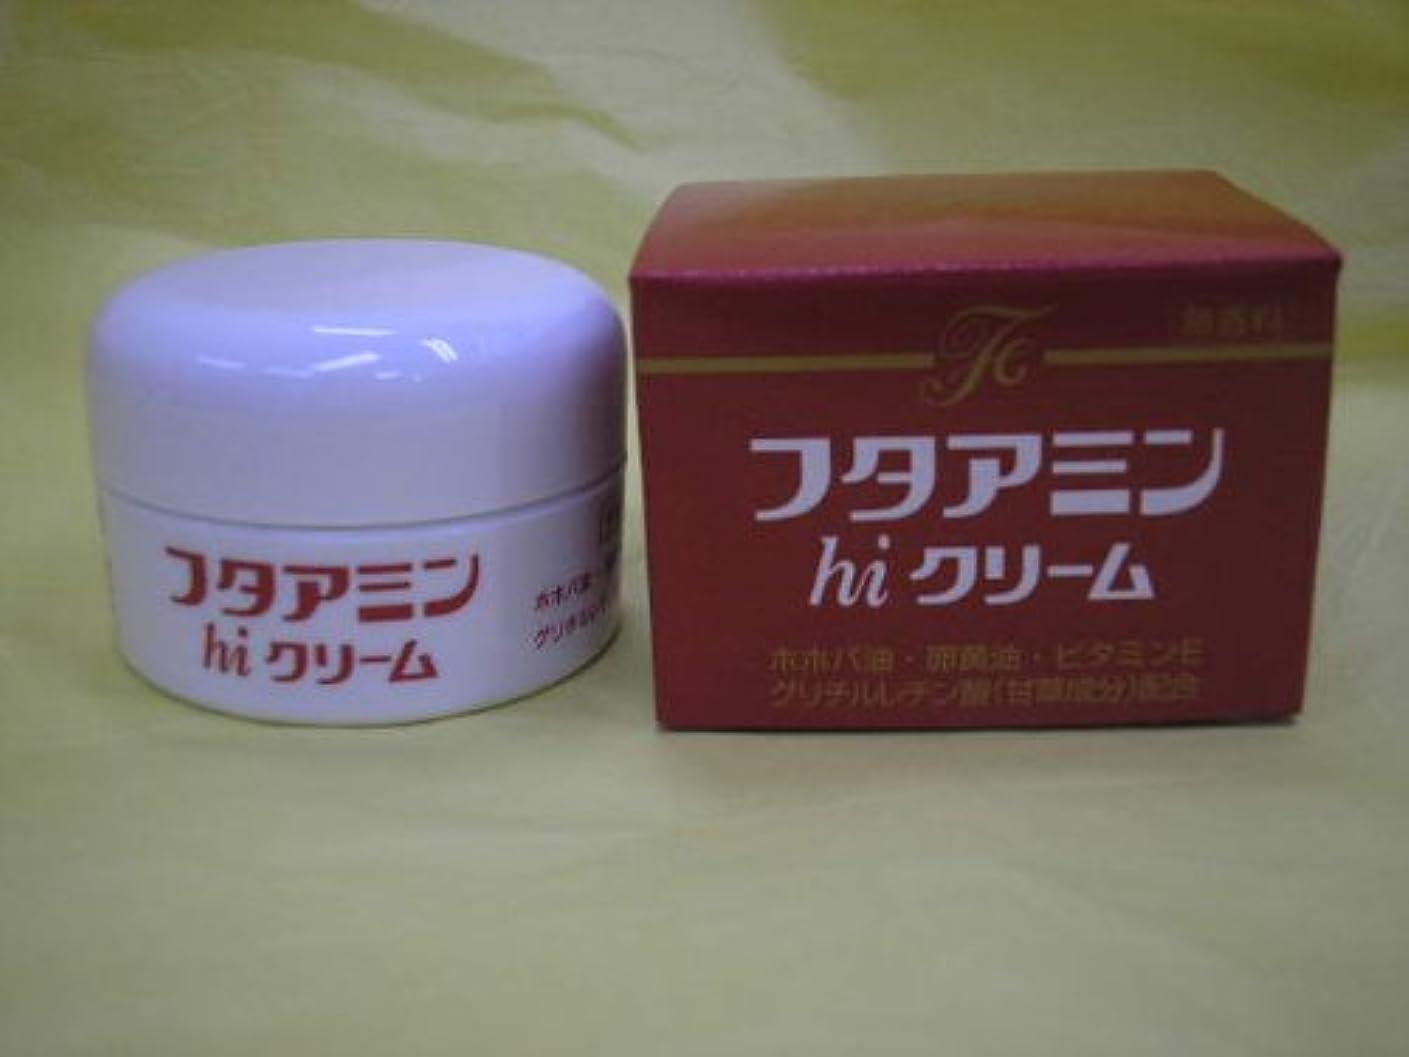 急勾配の外出惨めなフタアミンhiクリーム 55g(無香料)医薬部外品